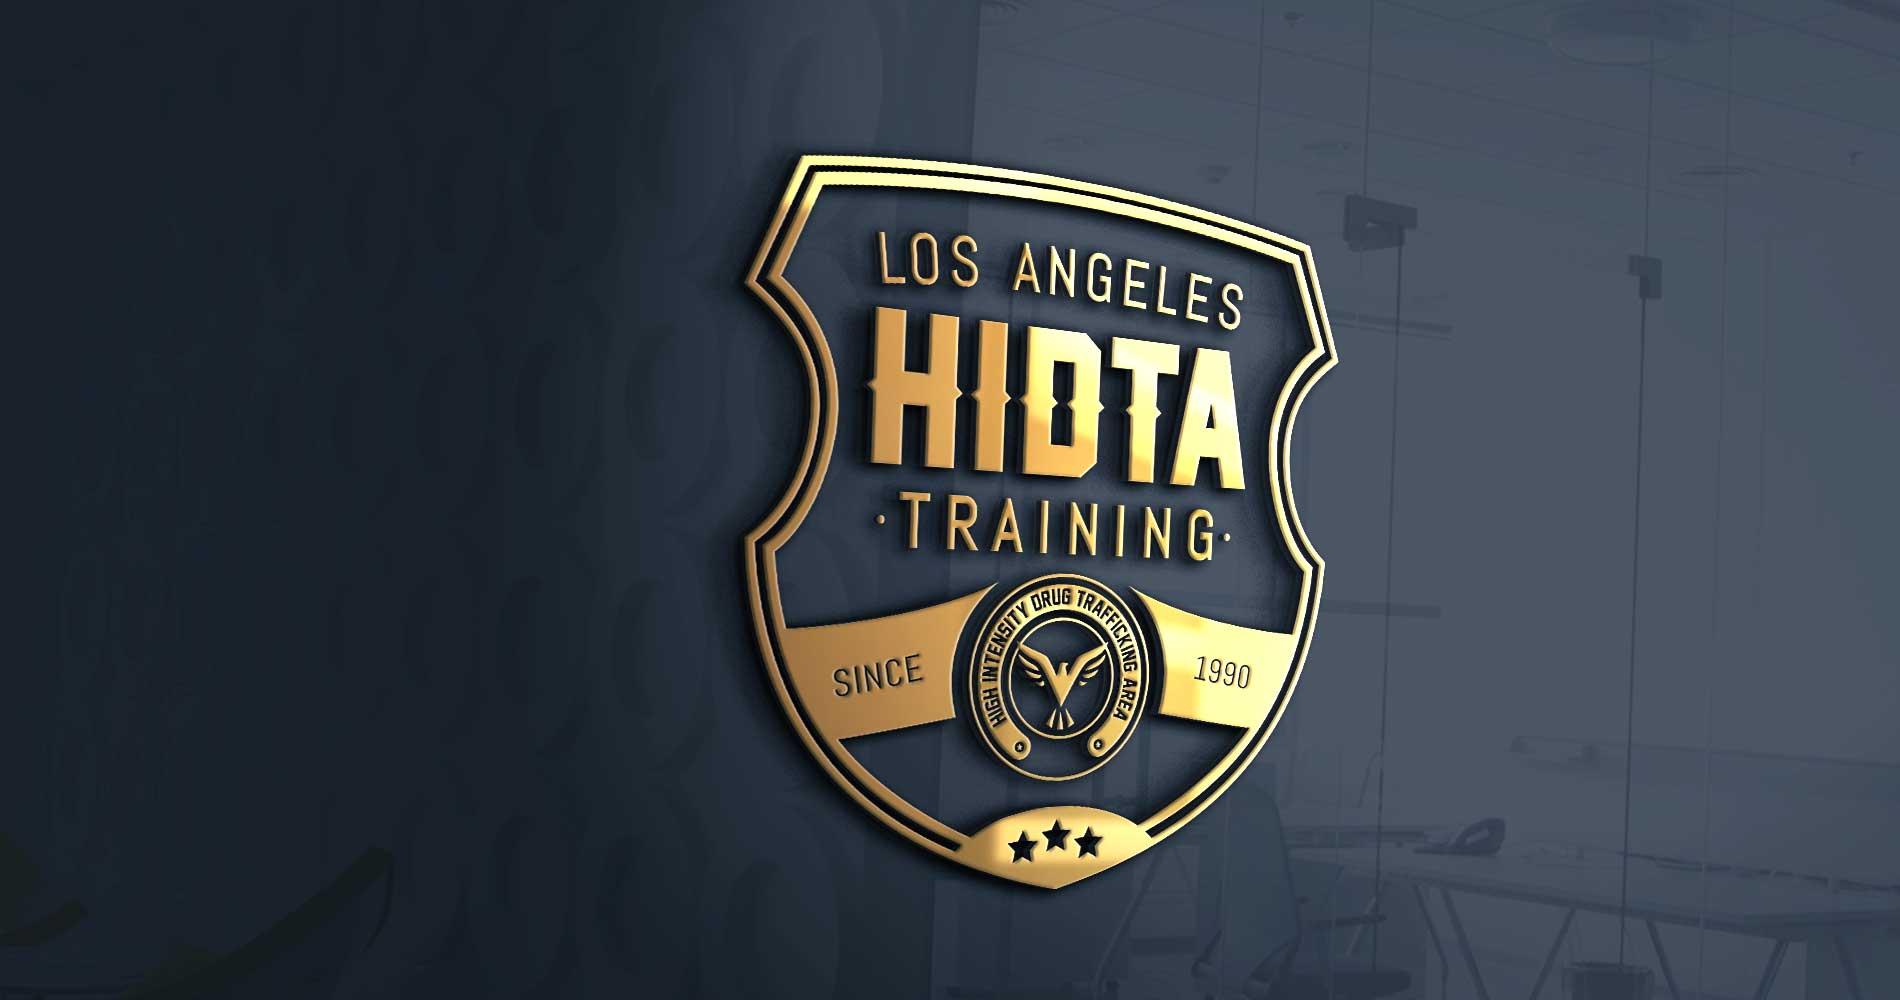 HIDTA_01_header6